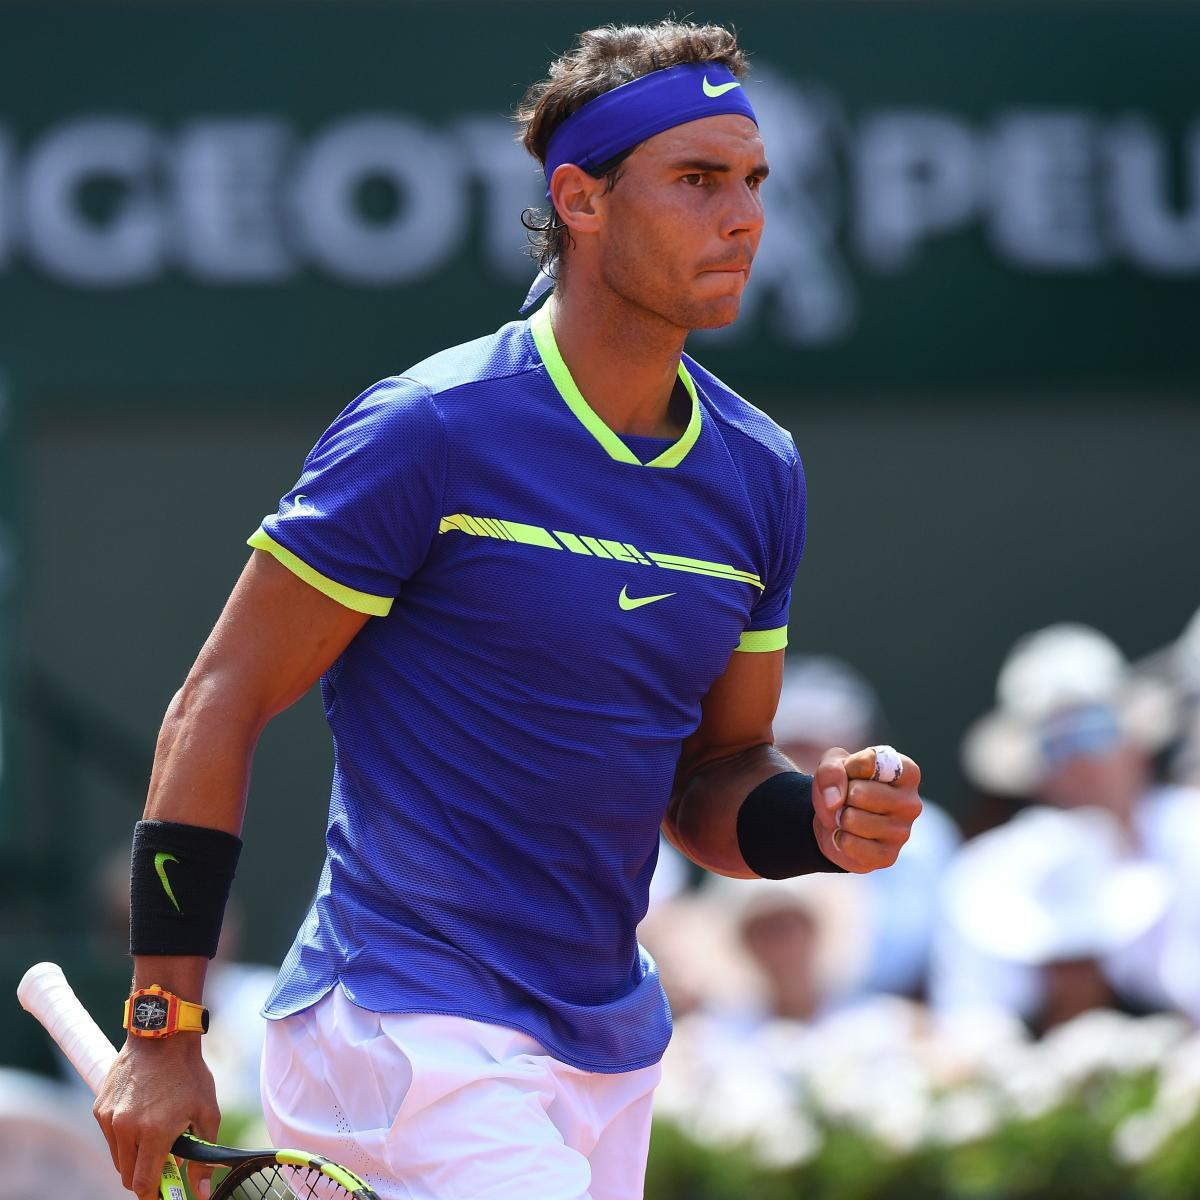 Rafael Nadal Defeats Stan Wawrinka to Win French Open 2017 ...